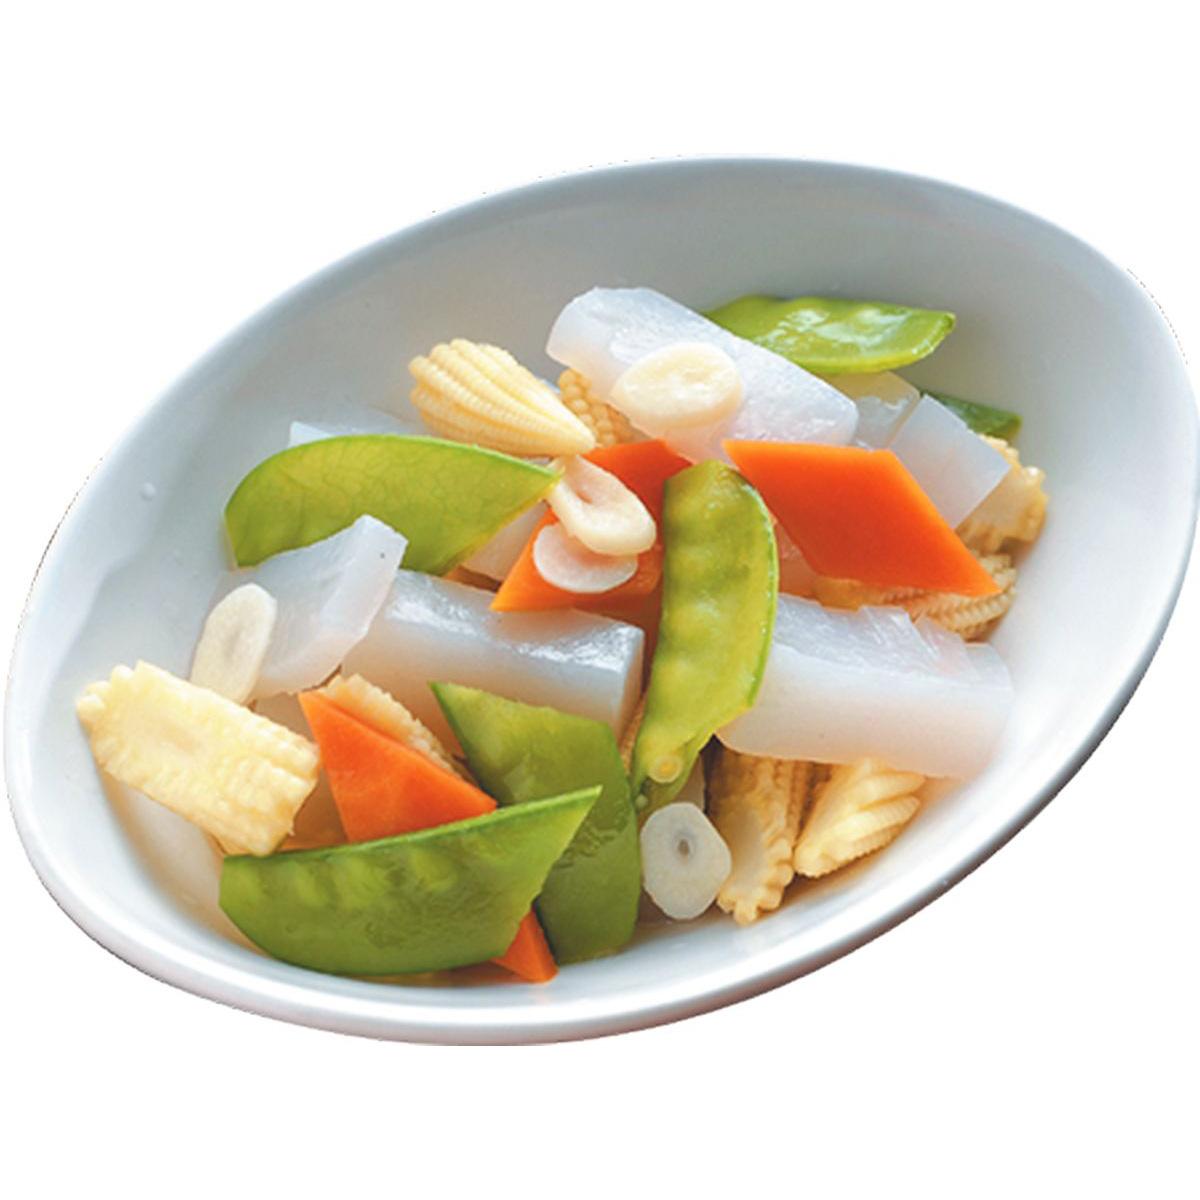 食譜:玉米筍炒蒟蒻